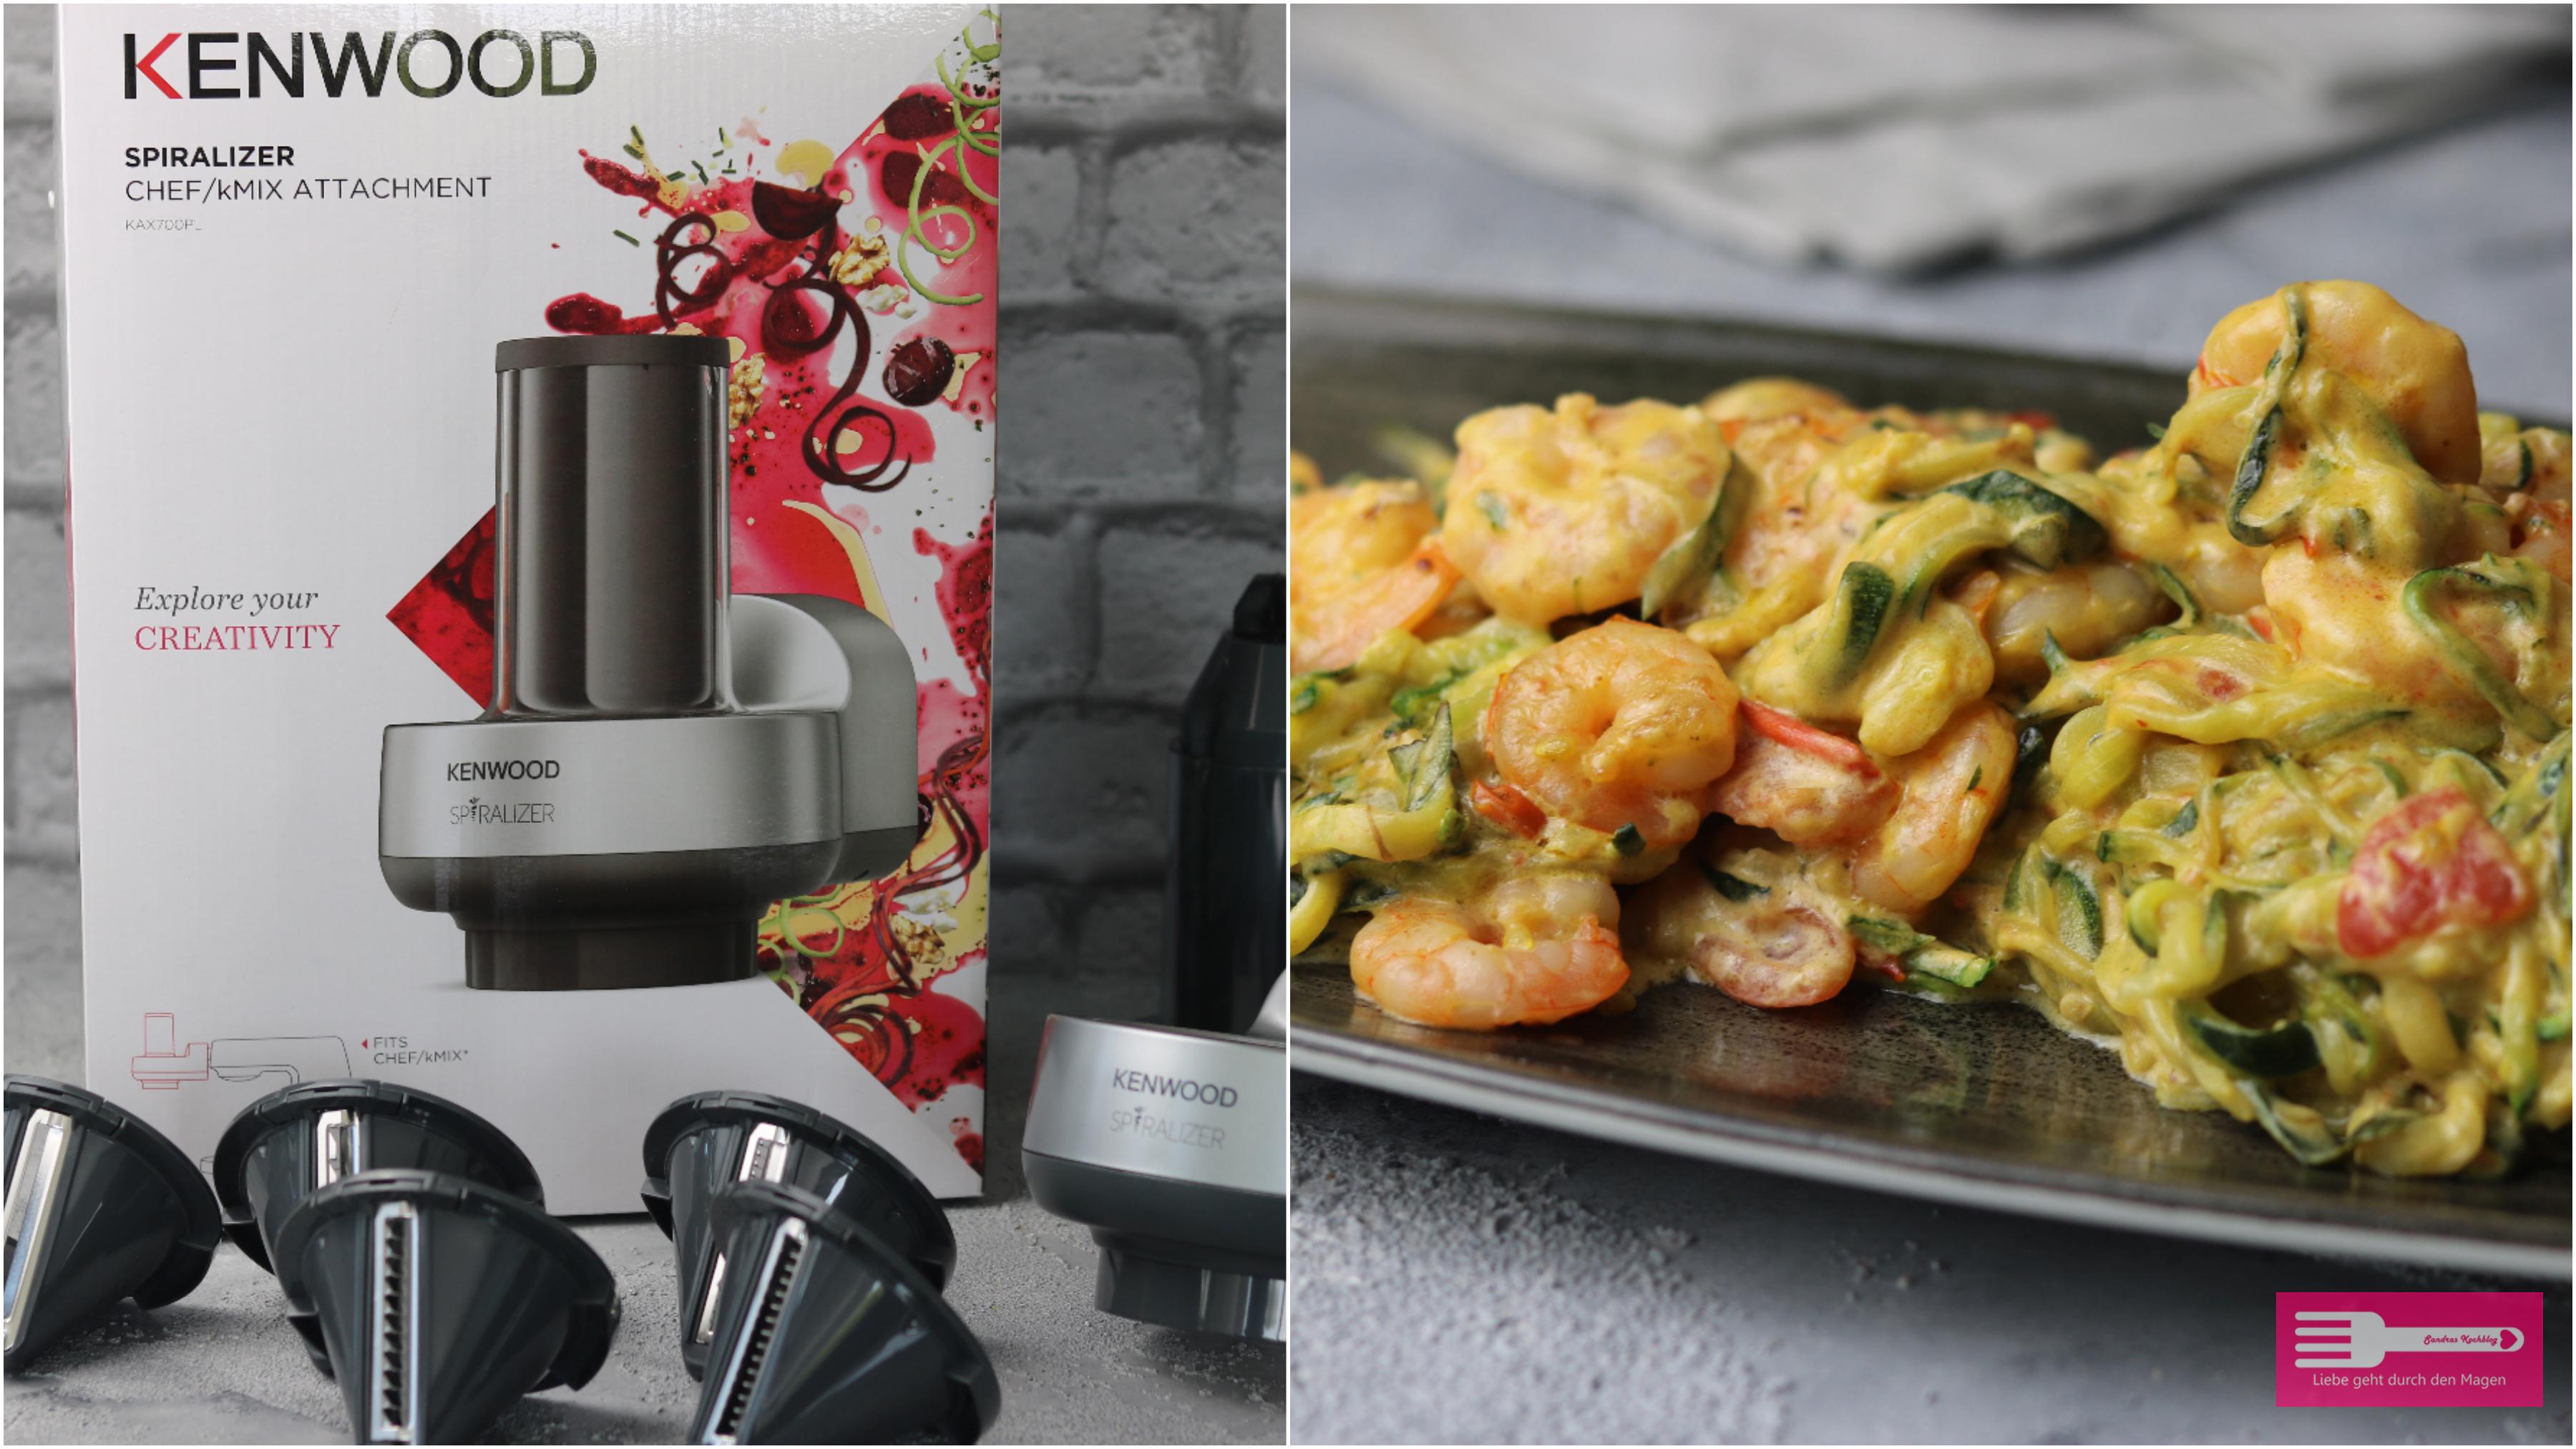 Der praktische Spiral Schneider für die Kenwood Cooking Chef